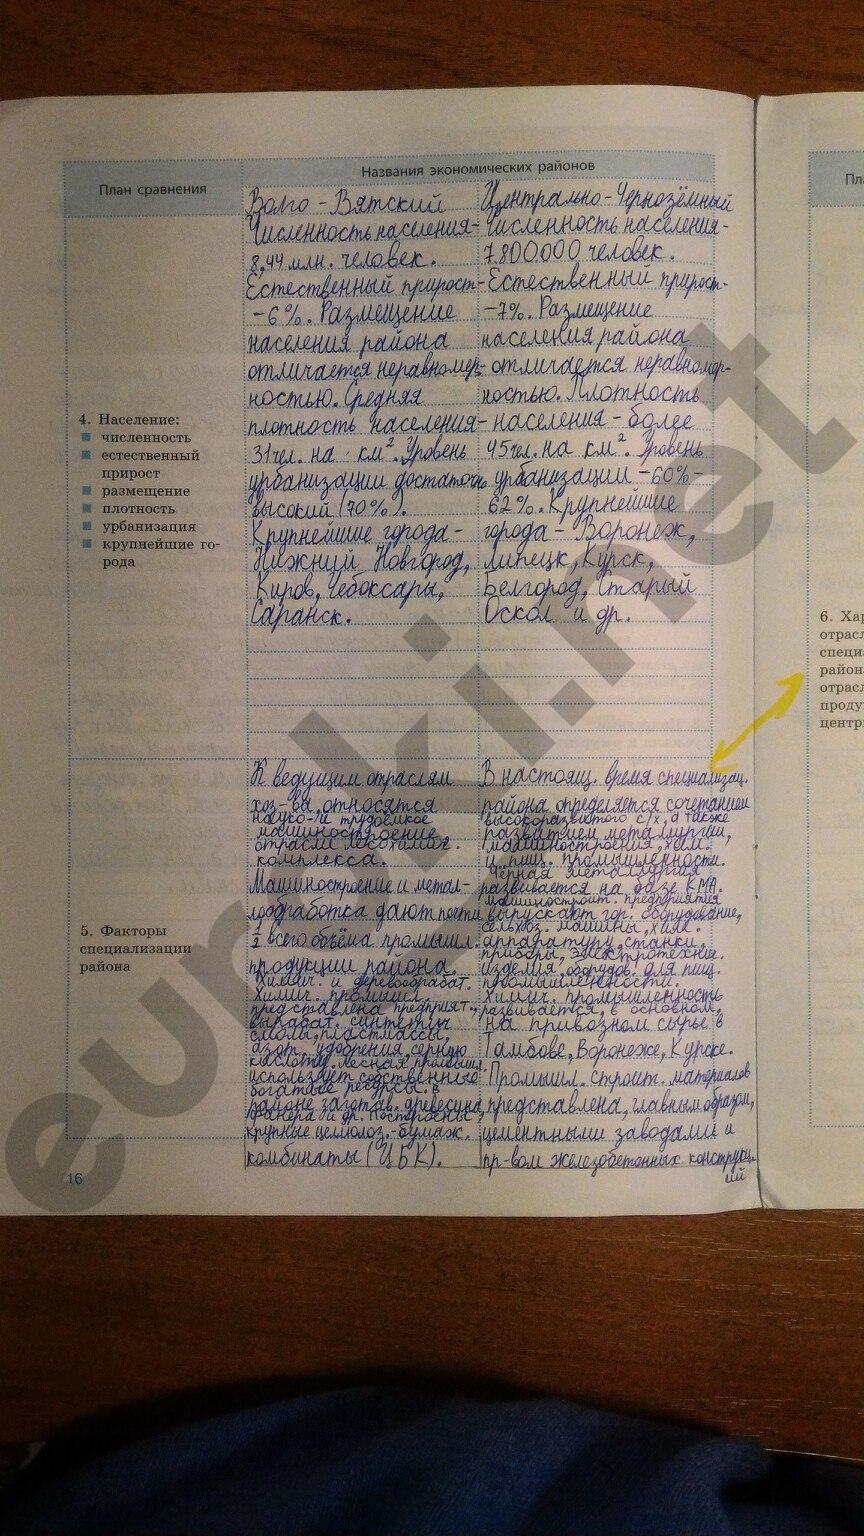 ГДЗ по географии 9 класс рабочая тетрадь Супрычев, Григоренко. Задание: стр. 16